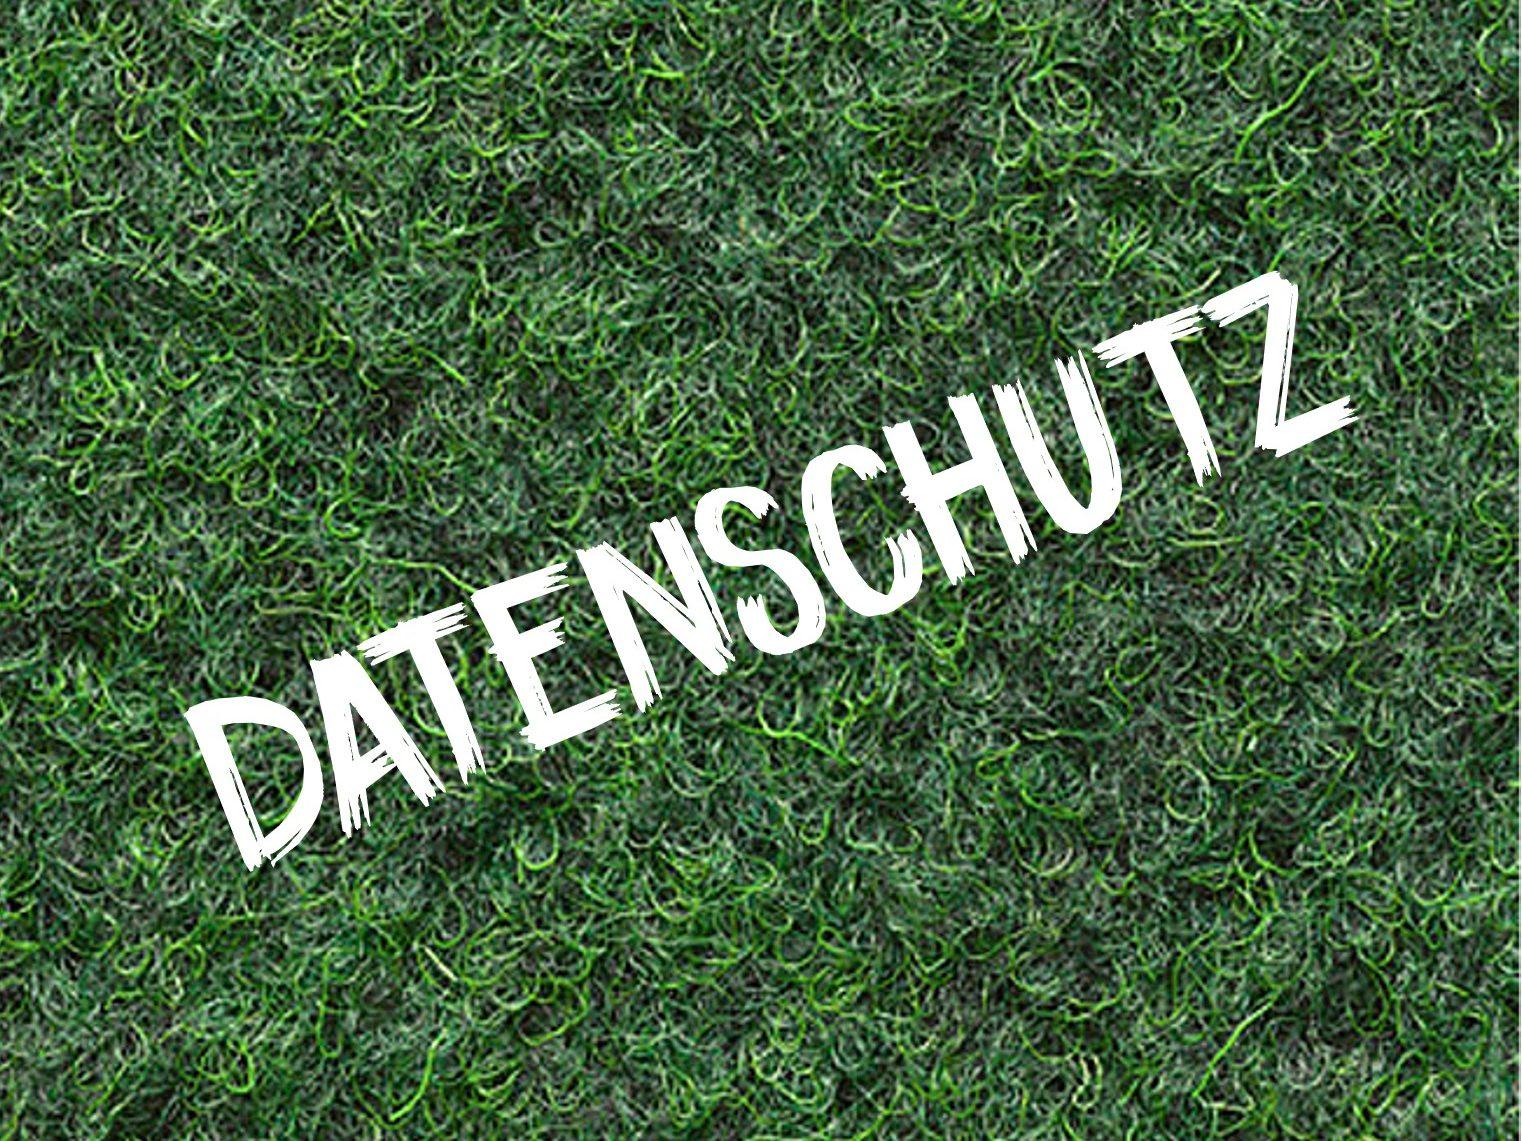 https://schwarzweissmuenchen.de/wp-content/uploads/2020/04/DATENSCHUTZ-1-e1587831464546.jpg